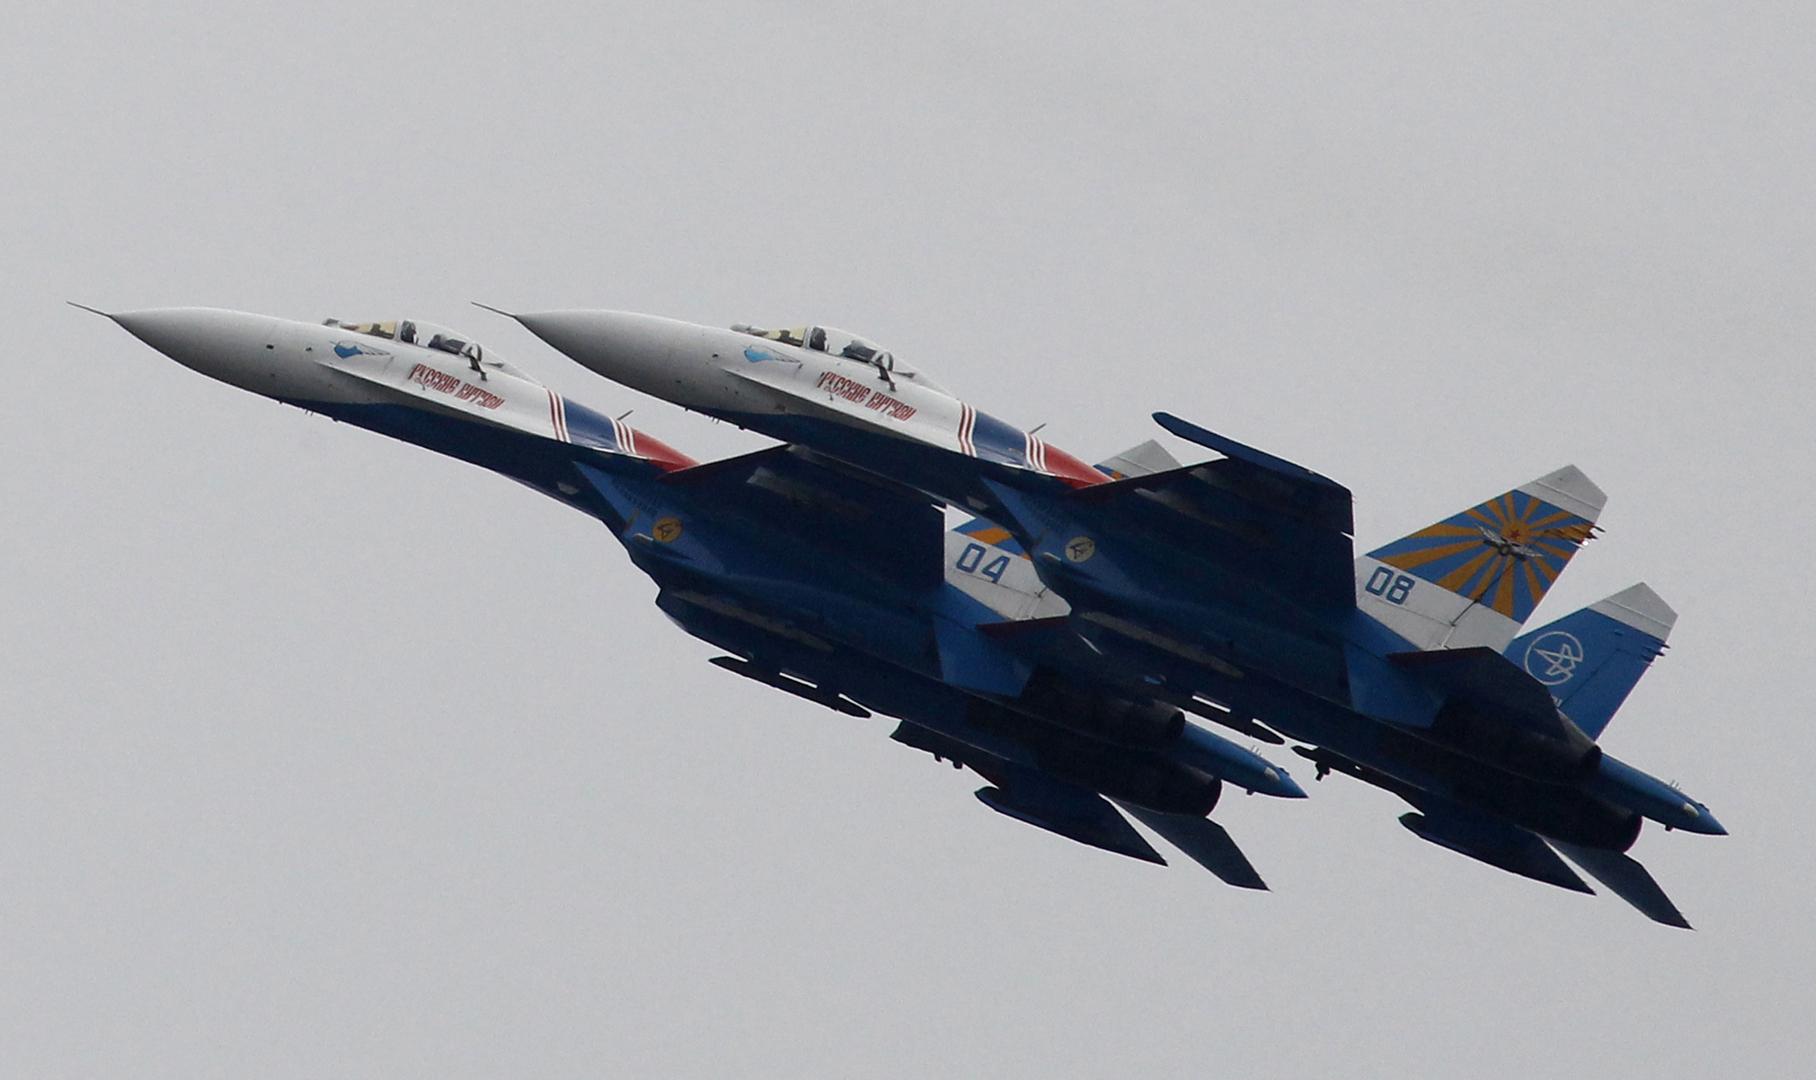 مقاتلات روسية تعترض طائرات تجسس أمريكية فوق مياه البحر الأسود